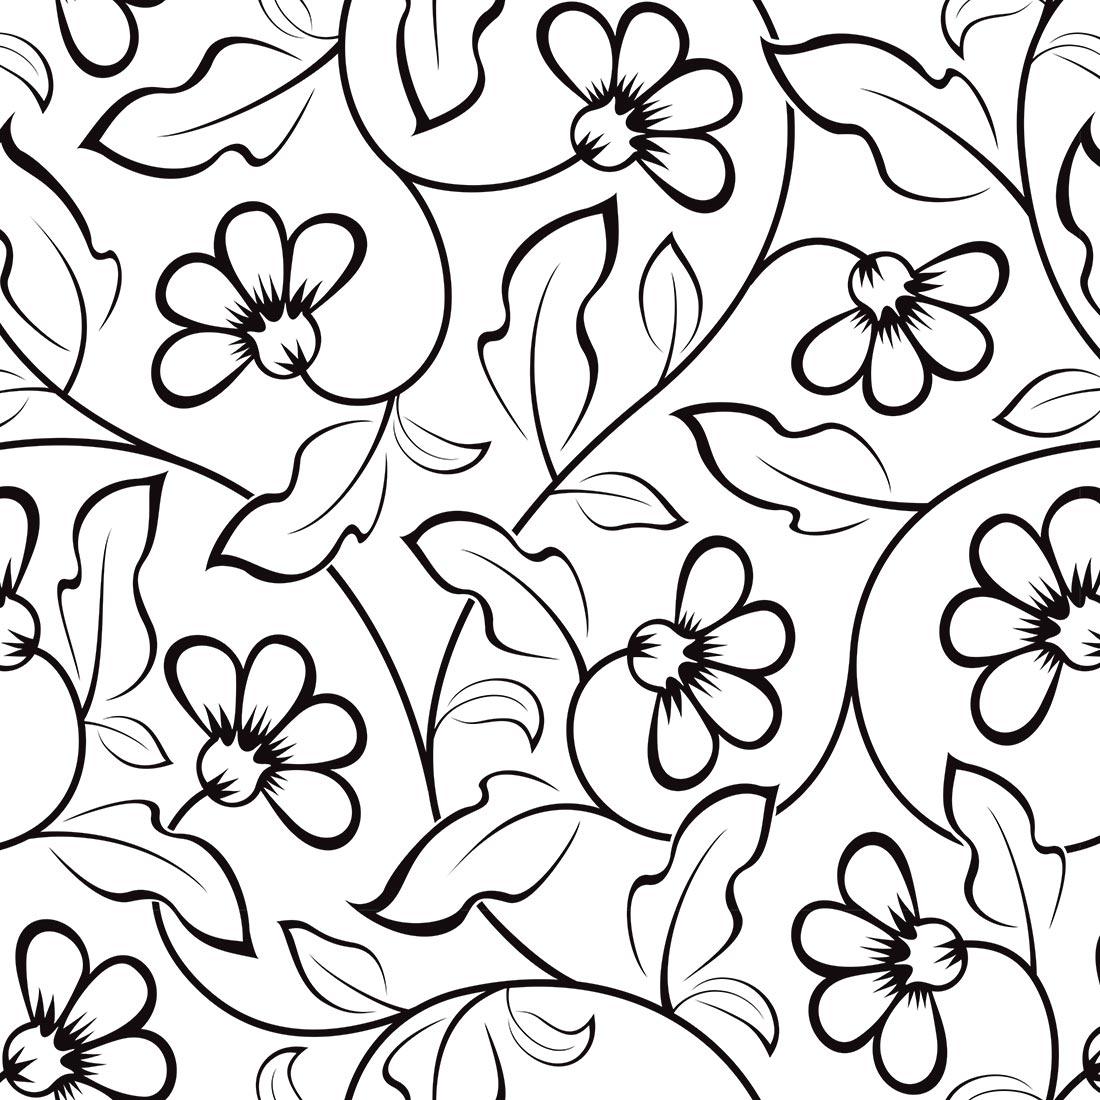 Papel De Parede Floral Folha De Carvalho Preto Fundo Branco